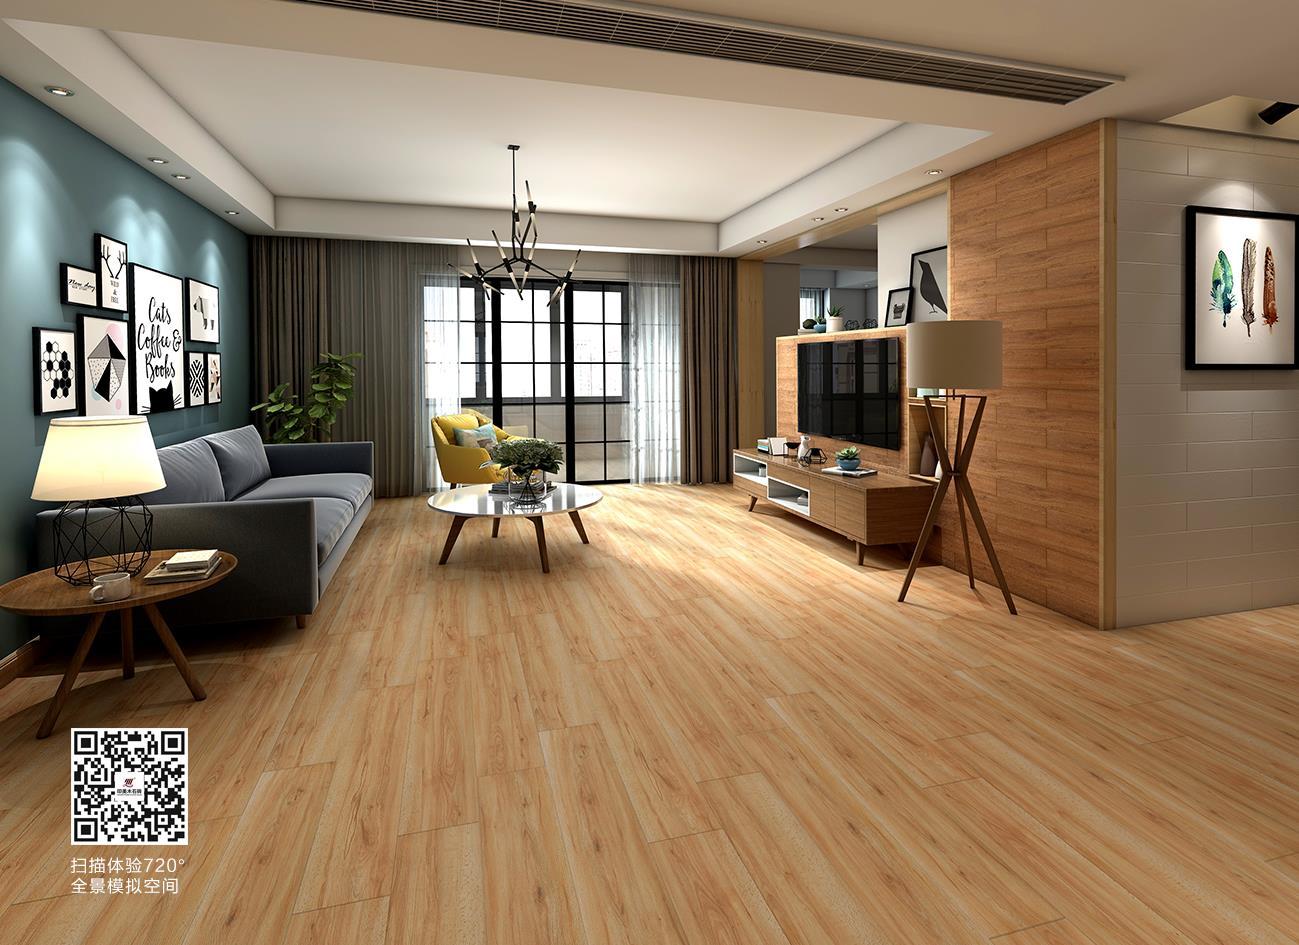 木纹砖:158162